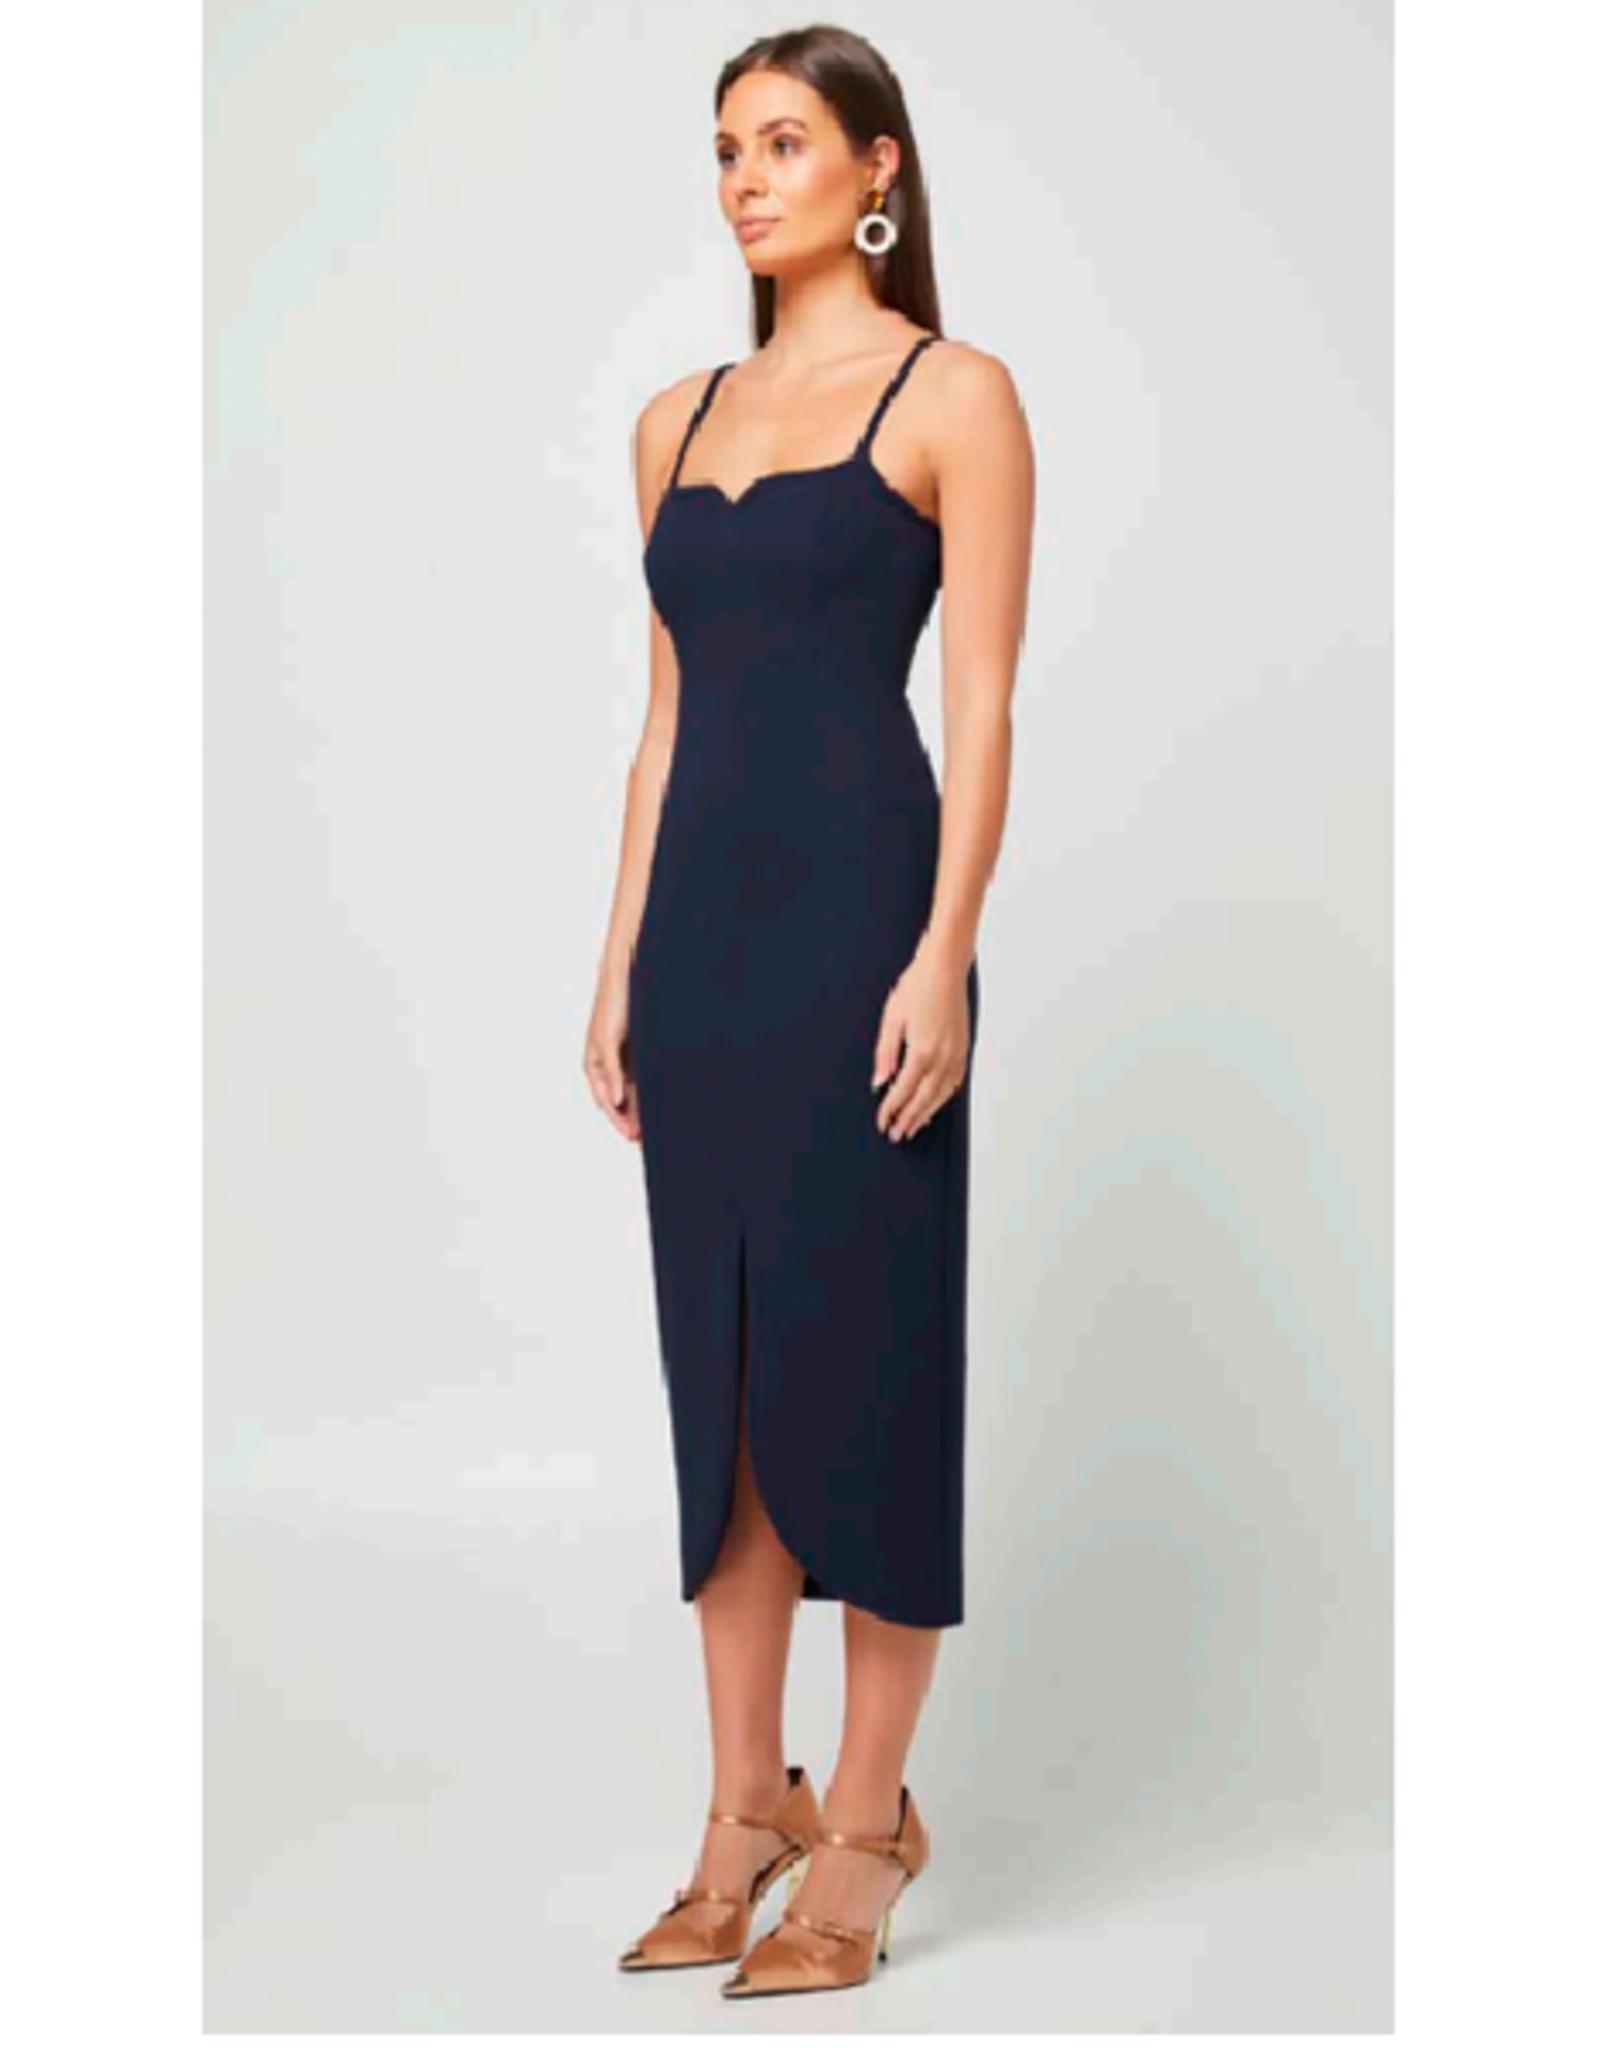 Elliatt Reflect Dress in Midnight